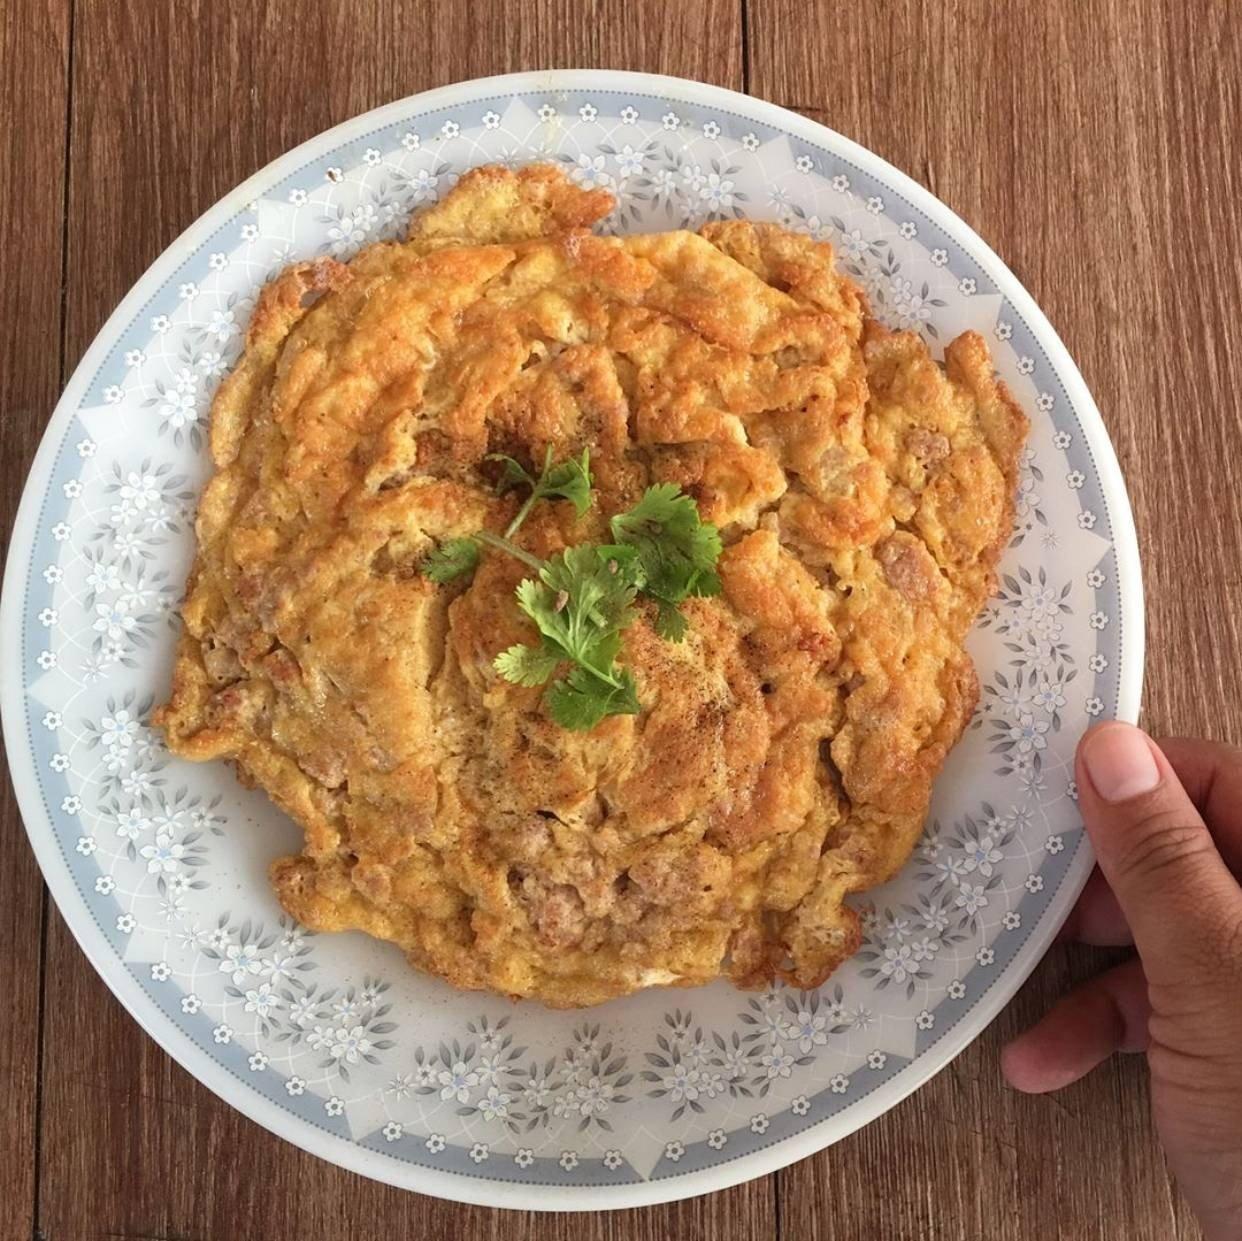 สูตร ไข่เจียวหมูสับหน้ากรอบ พร้อมวิธีทำโดย Monki Nam - Wongnai Cooking